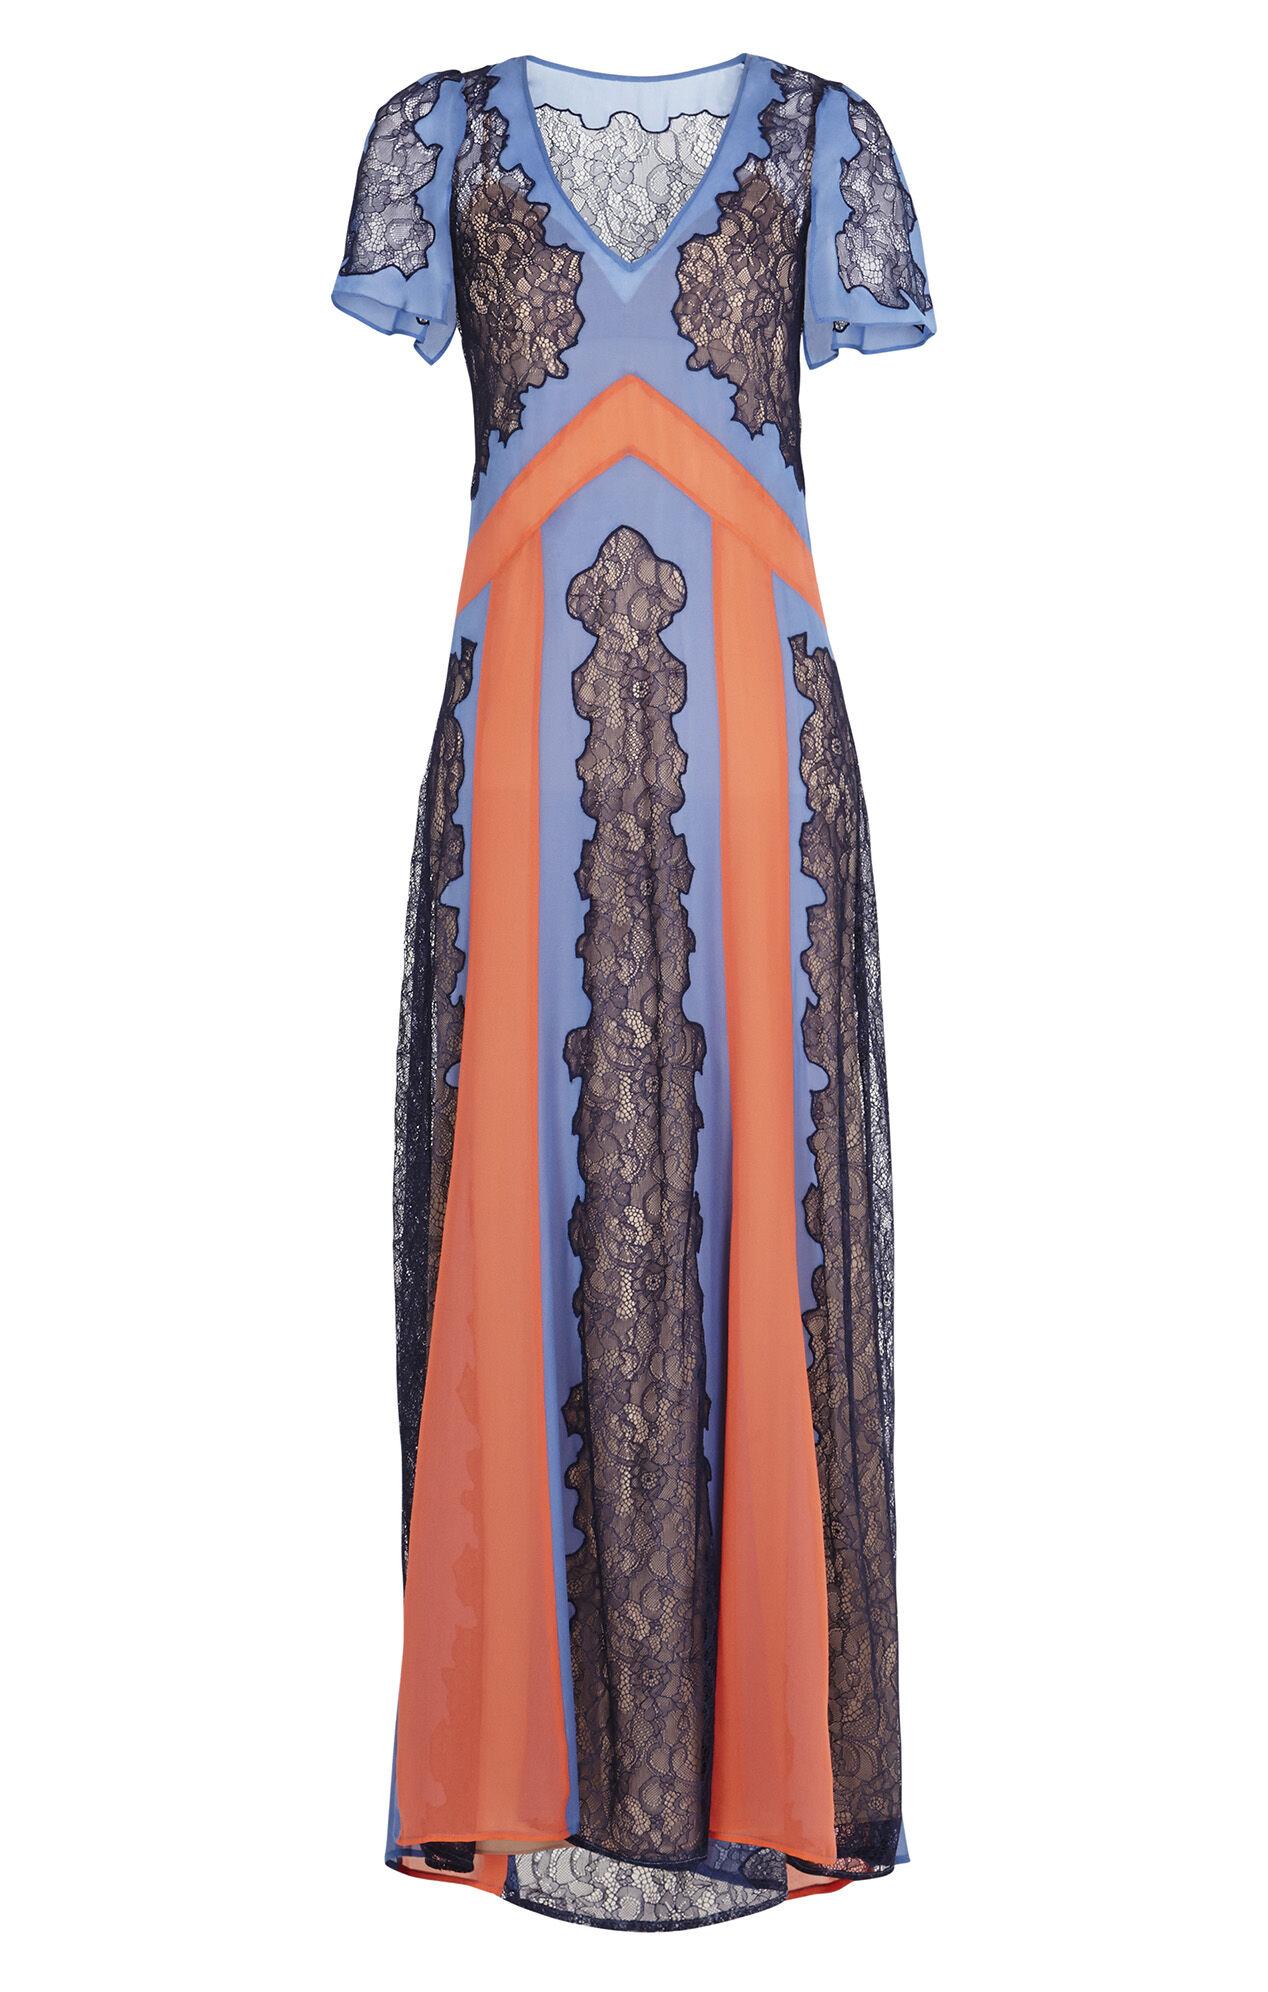 Lorelie Color-Blocked Lace Dress